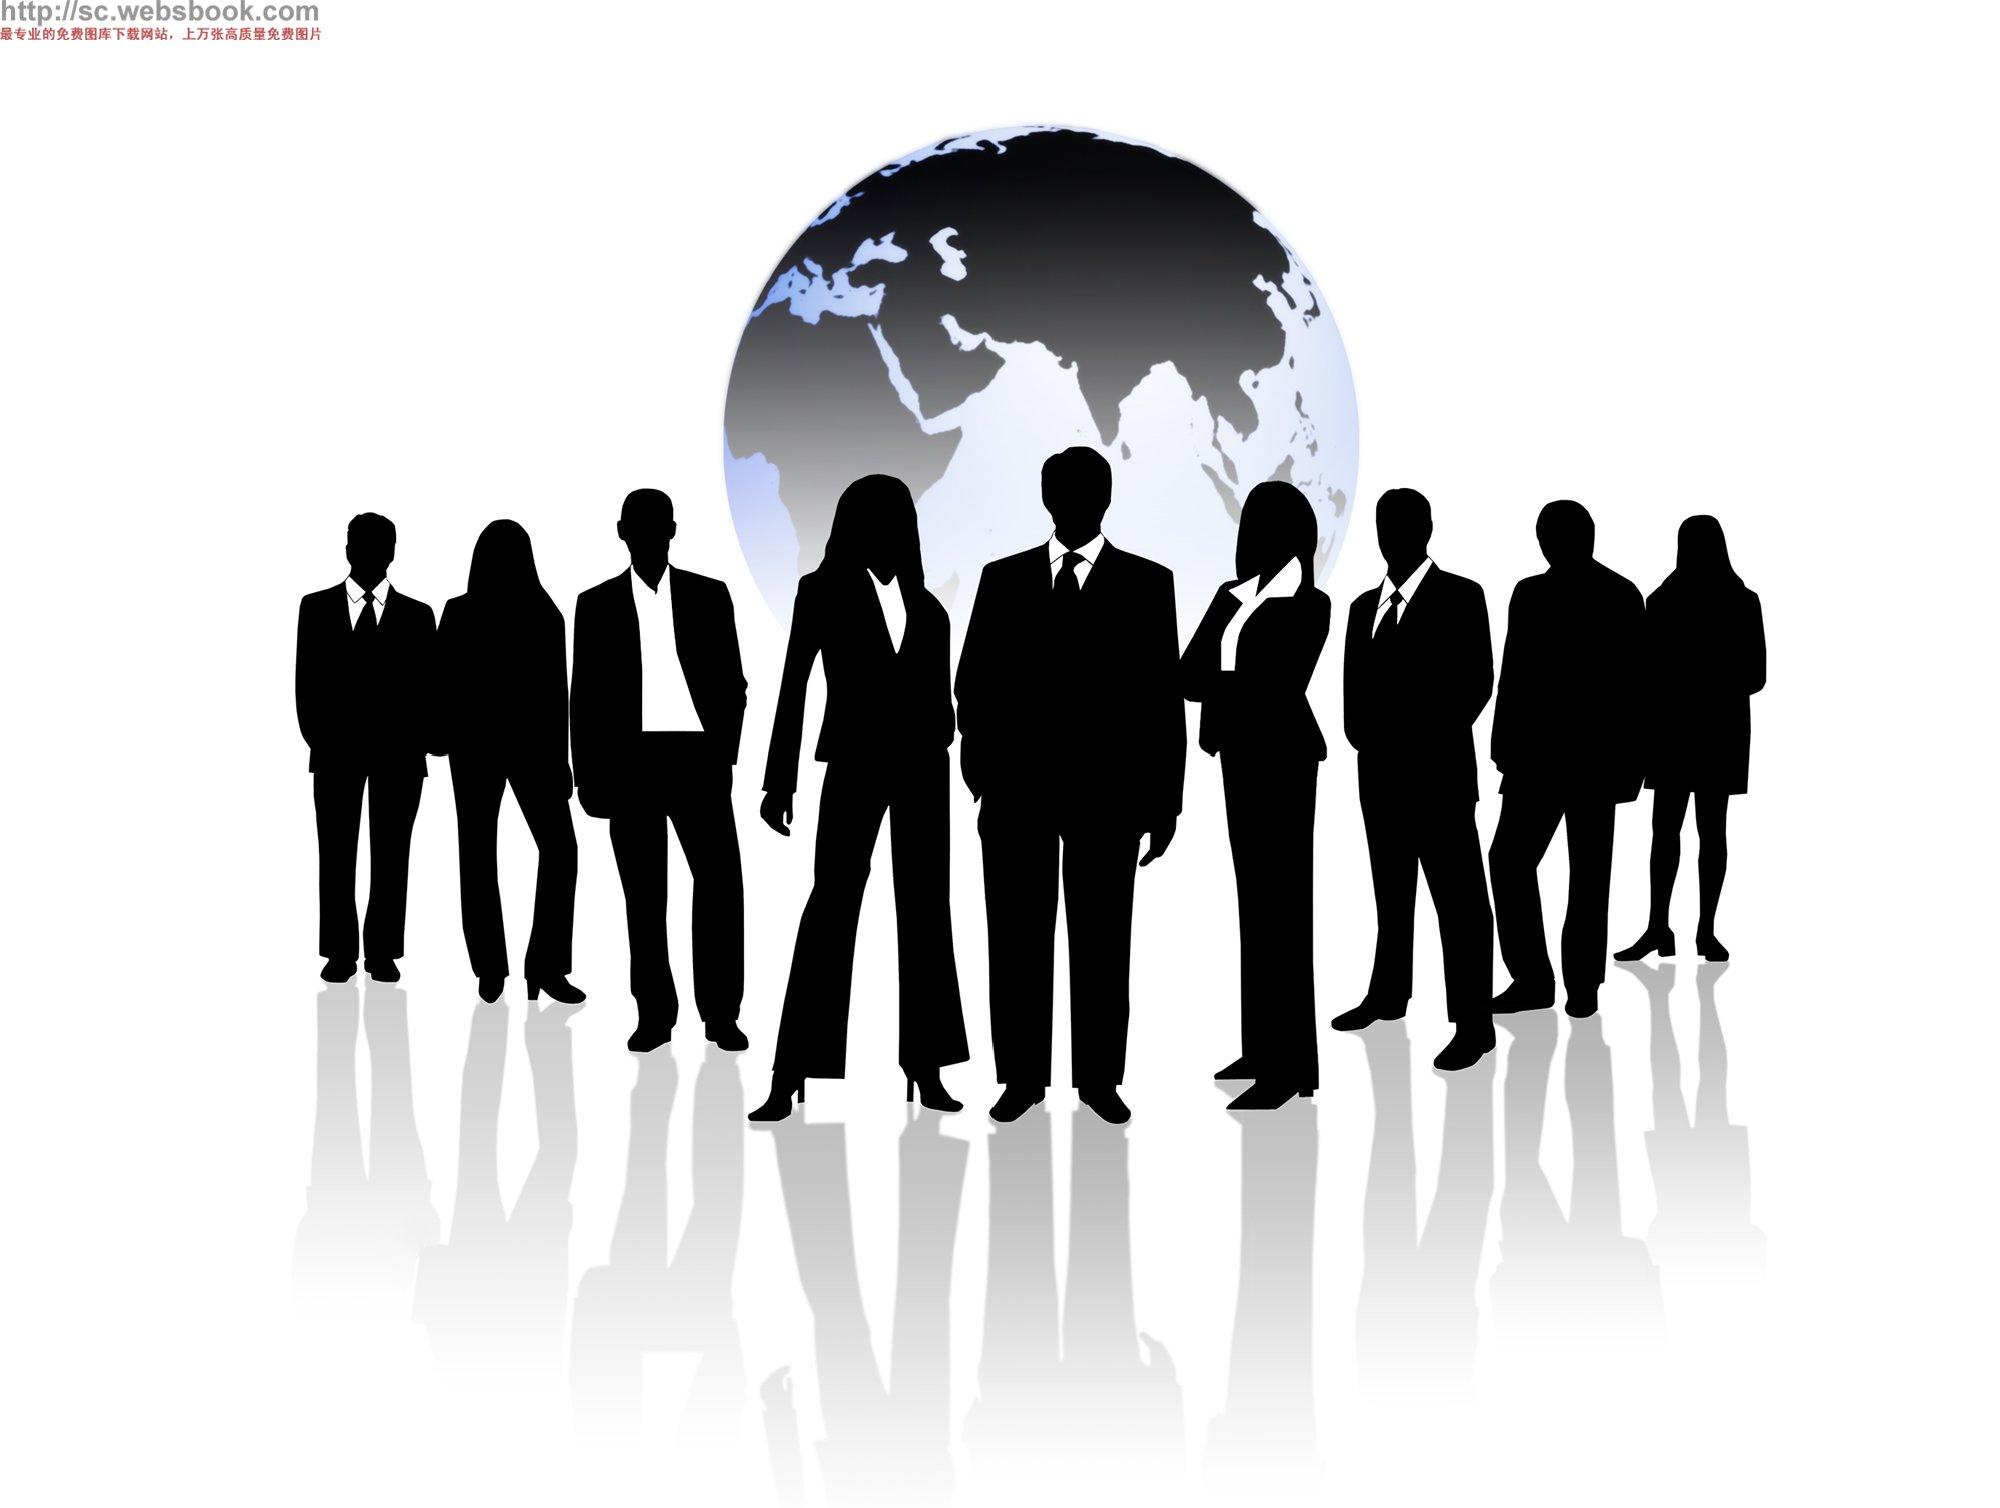 社会责任报告    作为一家具有强烈社会责任感的公司,宝升昌不仅追求财富的累加,更加追求财富的品质,主动承担社会责任,争做优秀企业公民。     2000年以来,宝升昌始终奉行城市先行者的准则,果断把握市场机遇,实现了资产和经营规模的持续跨越式成长,公司各项主要经营指标均保持了跨越性的快速增长。  诚信为先:立足之本,构建稳固战略联盟    诚信是市场经济的基础,也是企业经营的基本准则,更是宝升昌的企业核心价值观。自成立以来,公司始终把诚信经营当做头等大事来抓。首先,公司视质量为